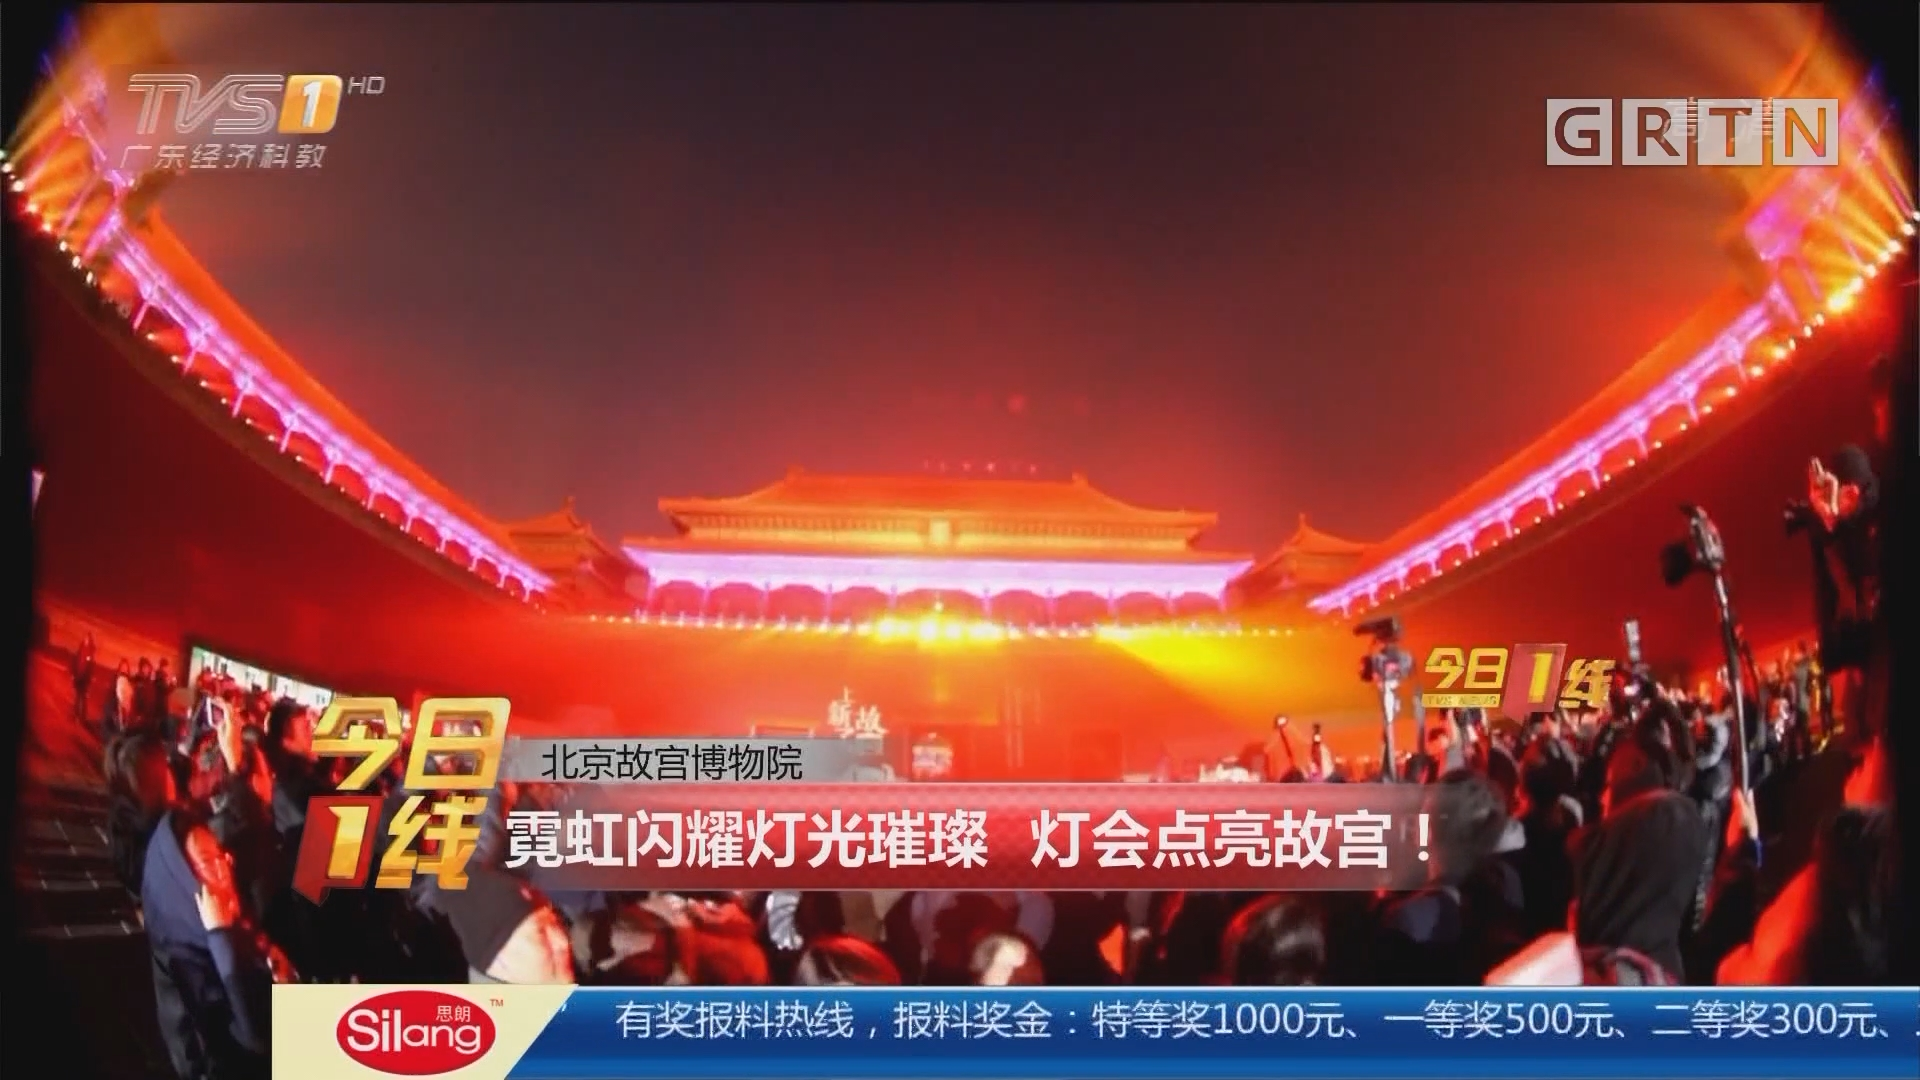 北京故宫博物院:霓虹闪耀灯光璀璨 灯会点亮故宫!